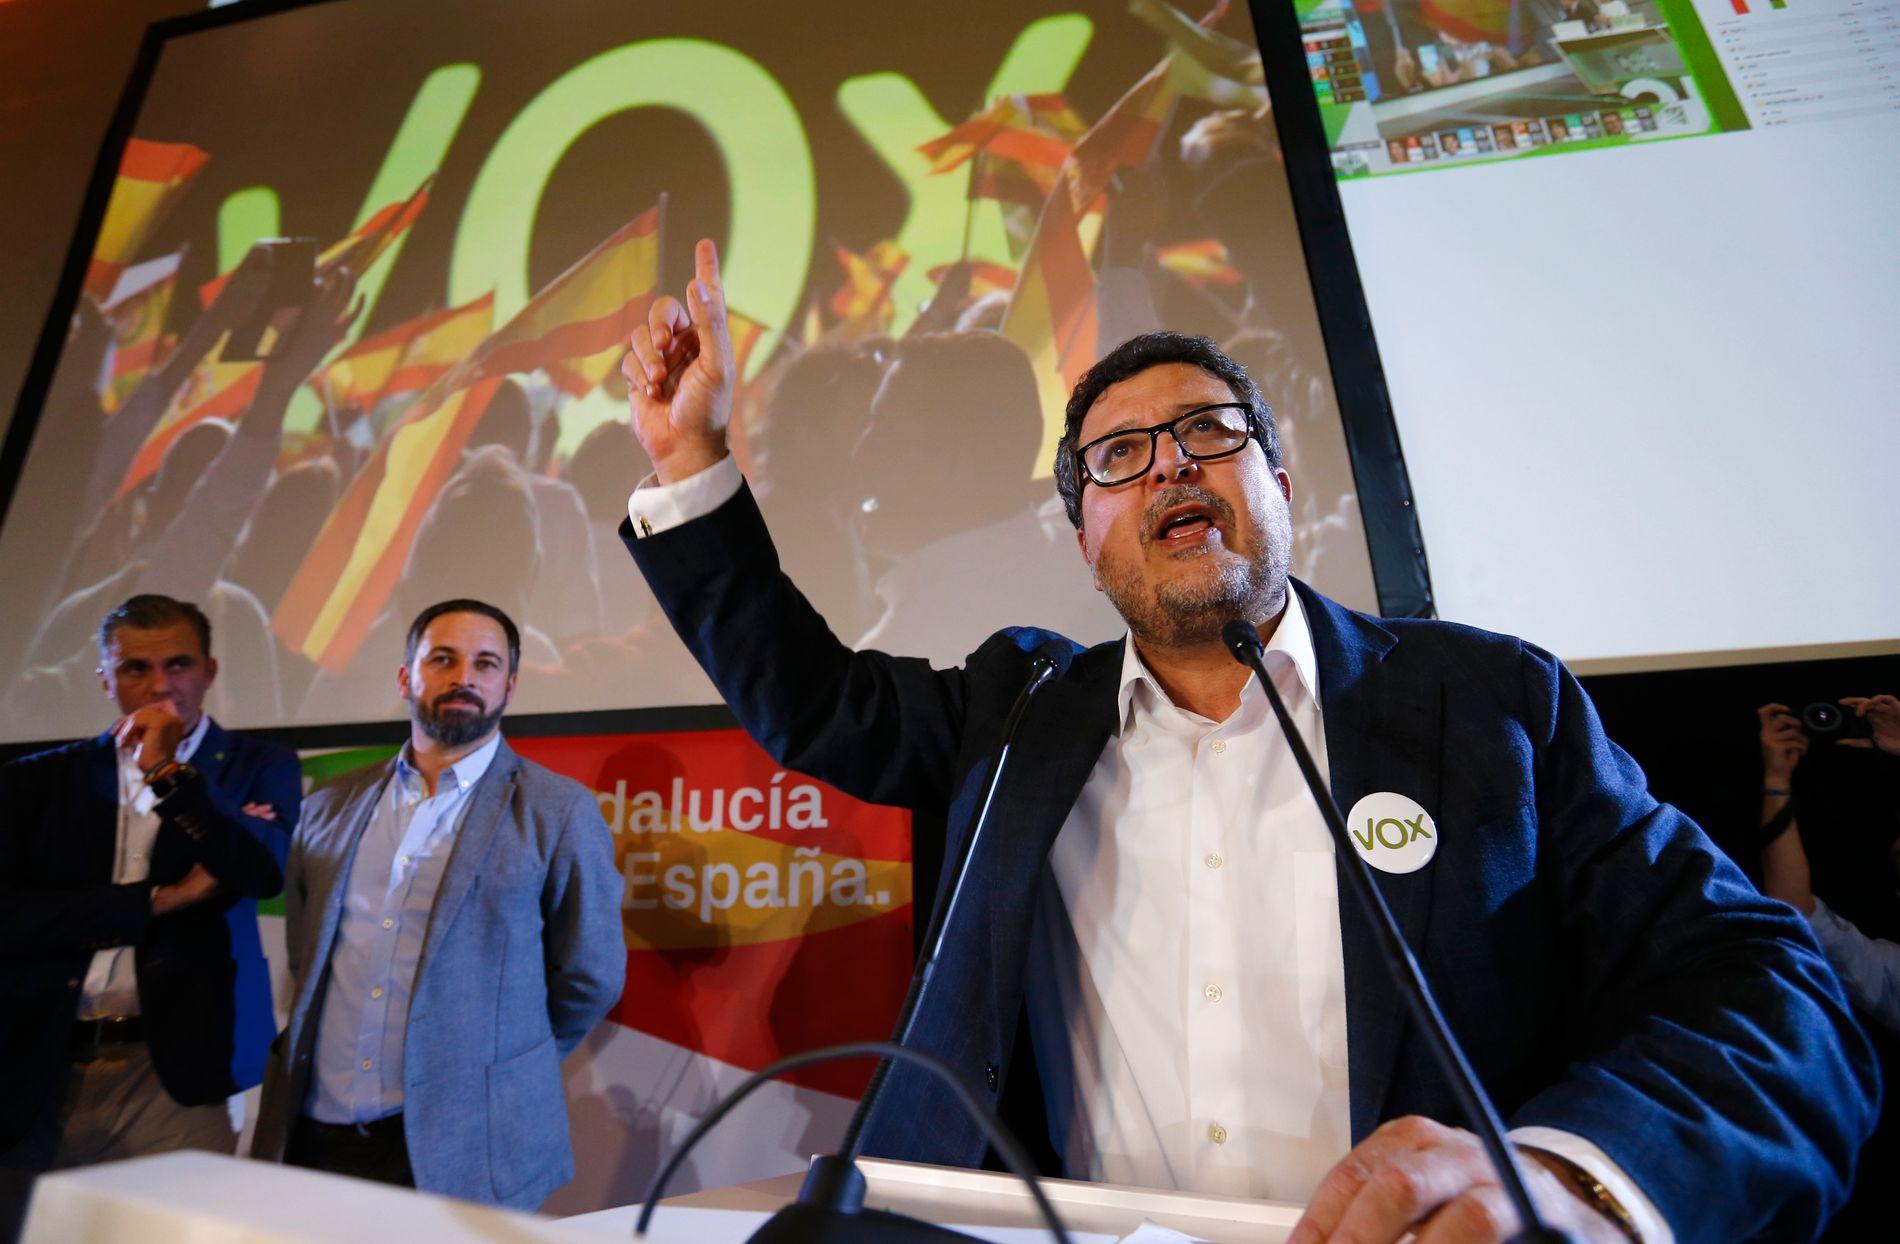 SEIERHERRE: Leder av Vox i Andalucía, Francisco Serrano, forteller til VG at han fnyser av beskyldningene om å være fascist og høyreekstrem.